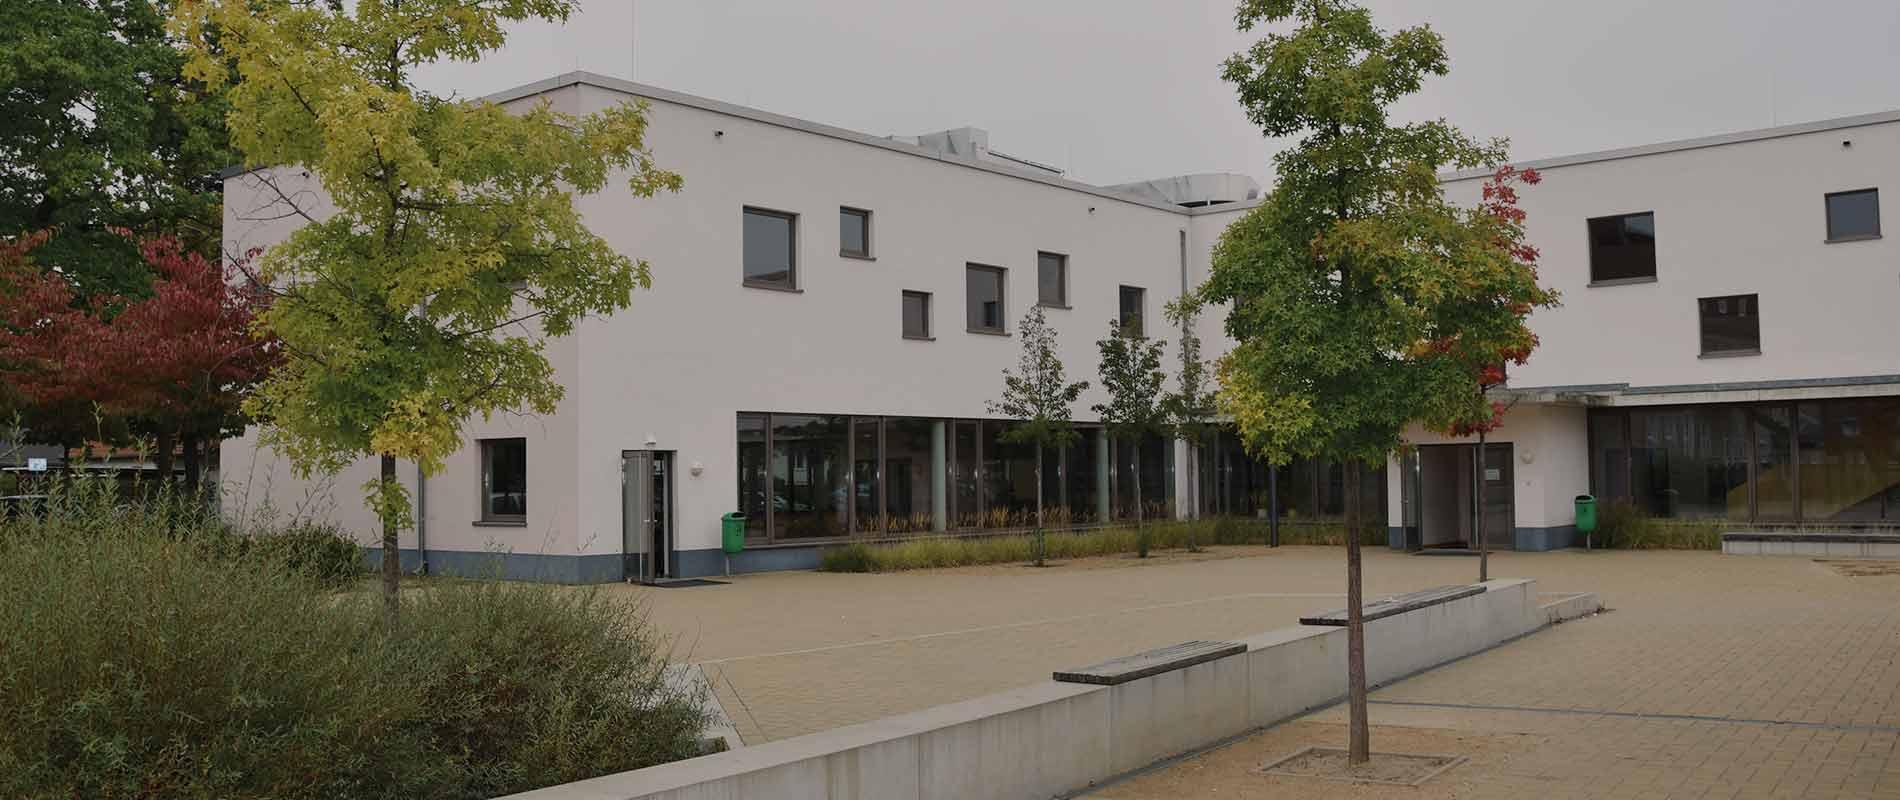 Gesamtschule Woltersdorf der FAWZ gGmbH_Header_Modernes Gebaude - idealer Raum zum Lernen_2